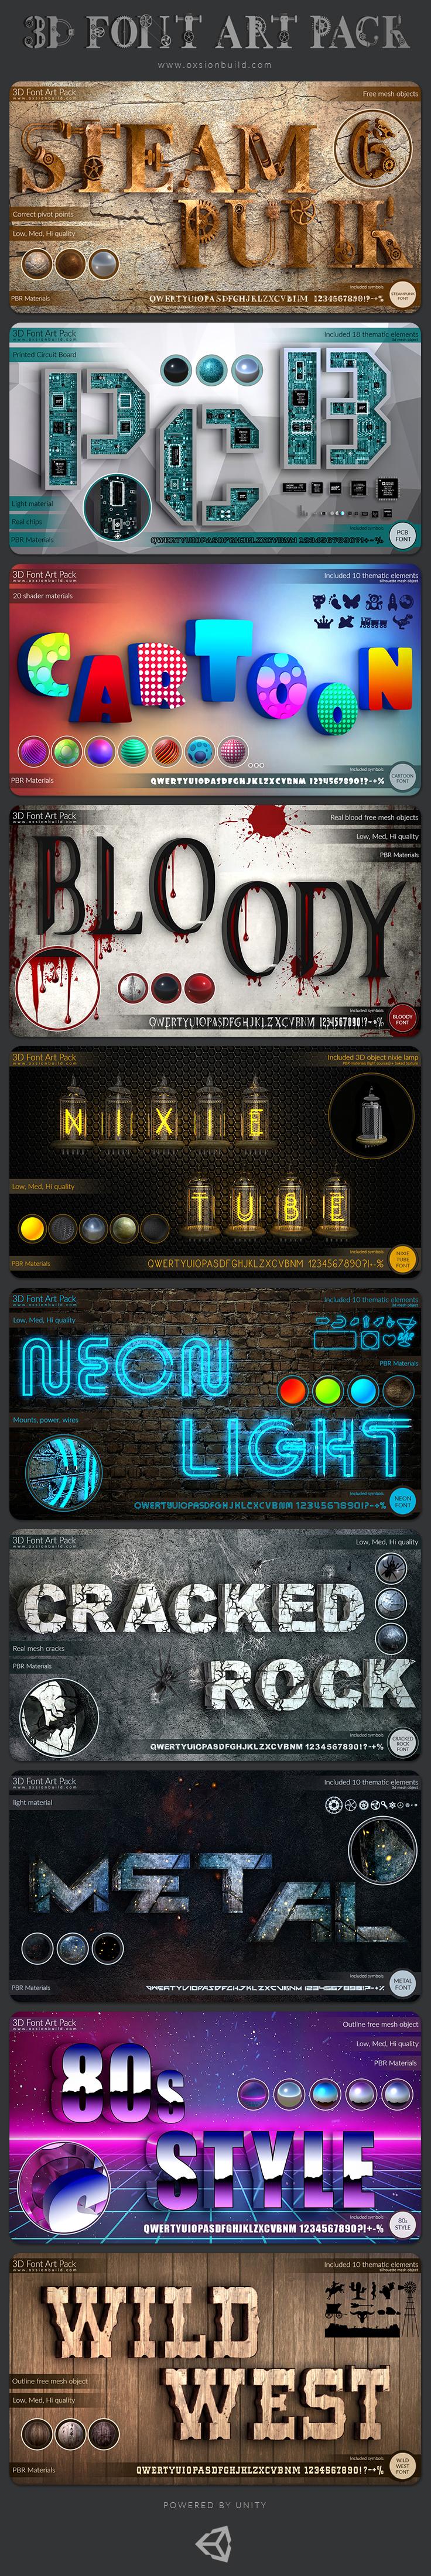 3D Font text textmesh 3D text 3d titles UI alphabet symbol elements GUI